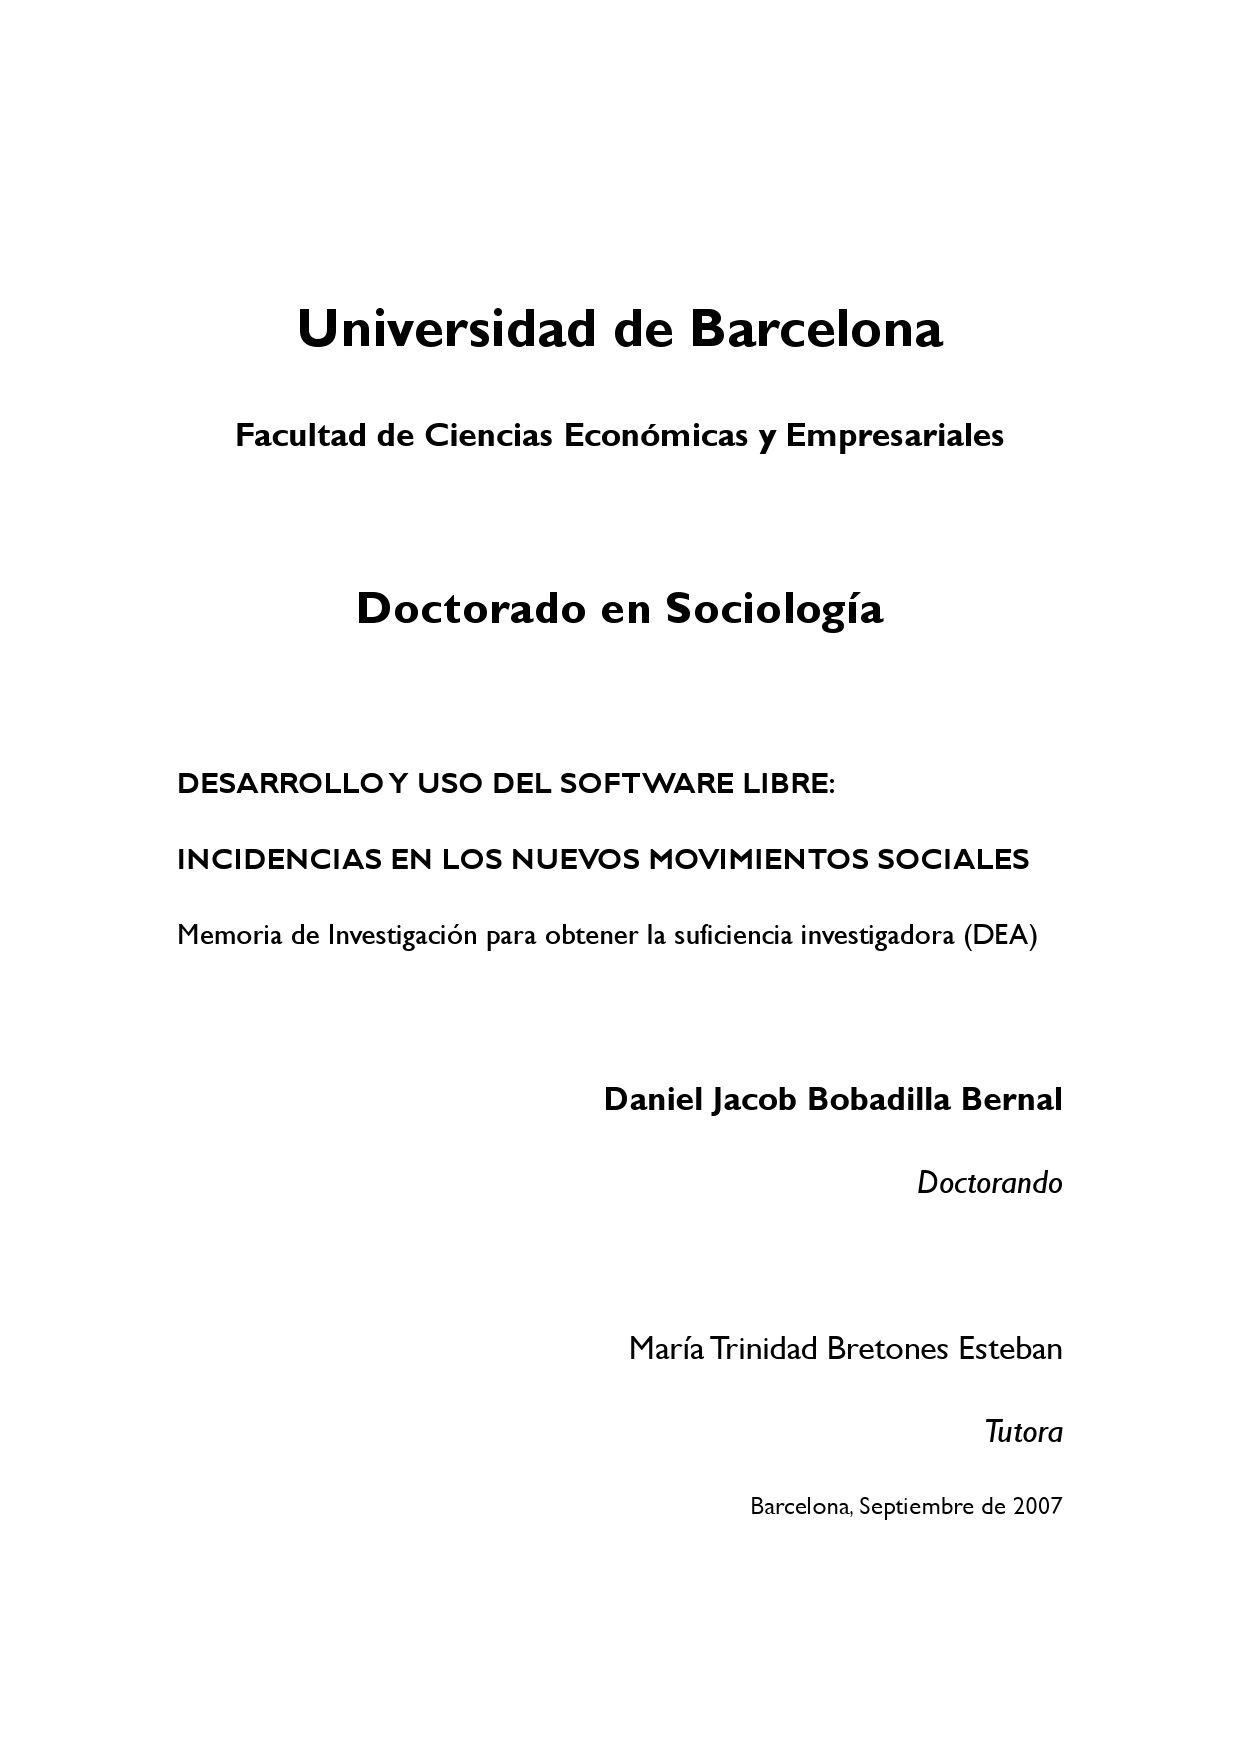 Software Libre Incidencias en Movimientos Sociales by Daniel ...